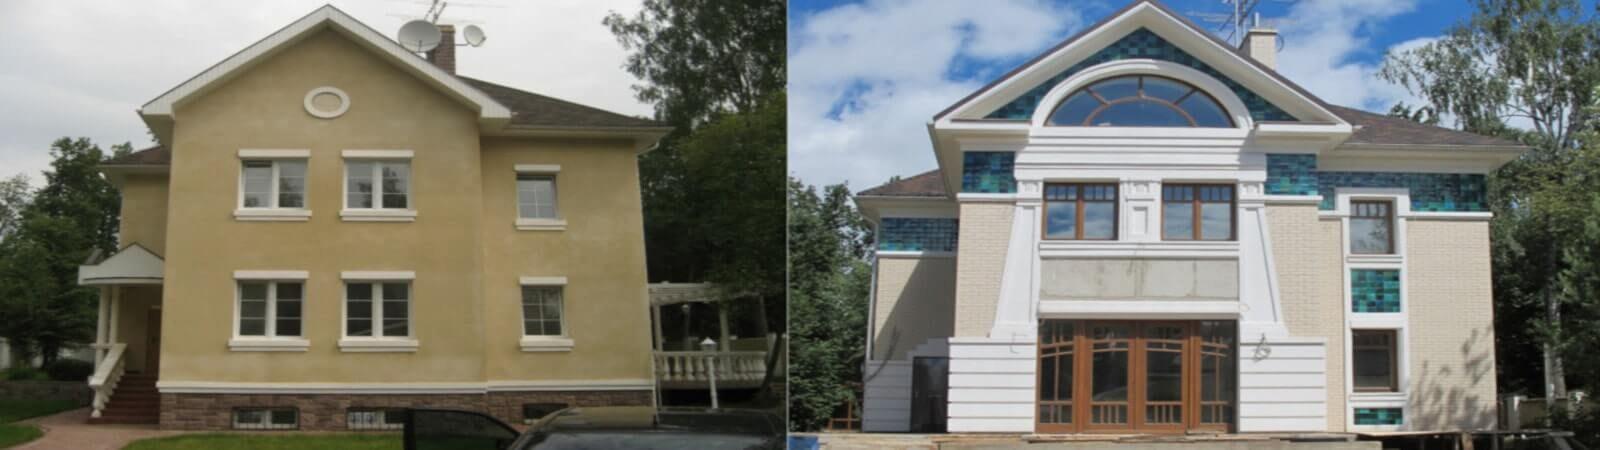 Як перепланувати старий будинок